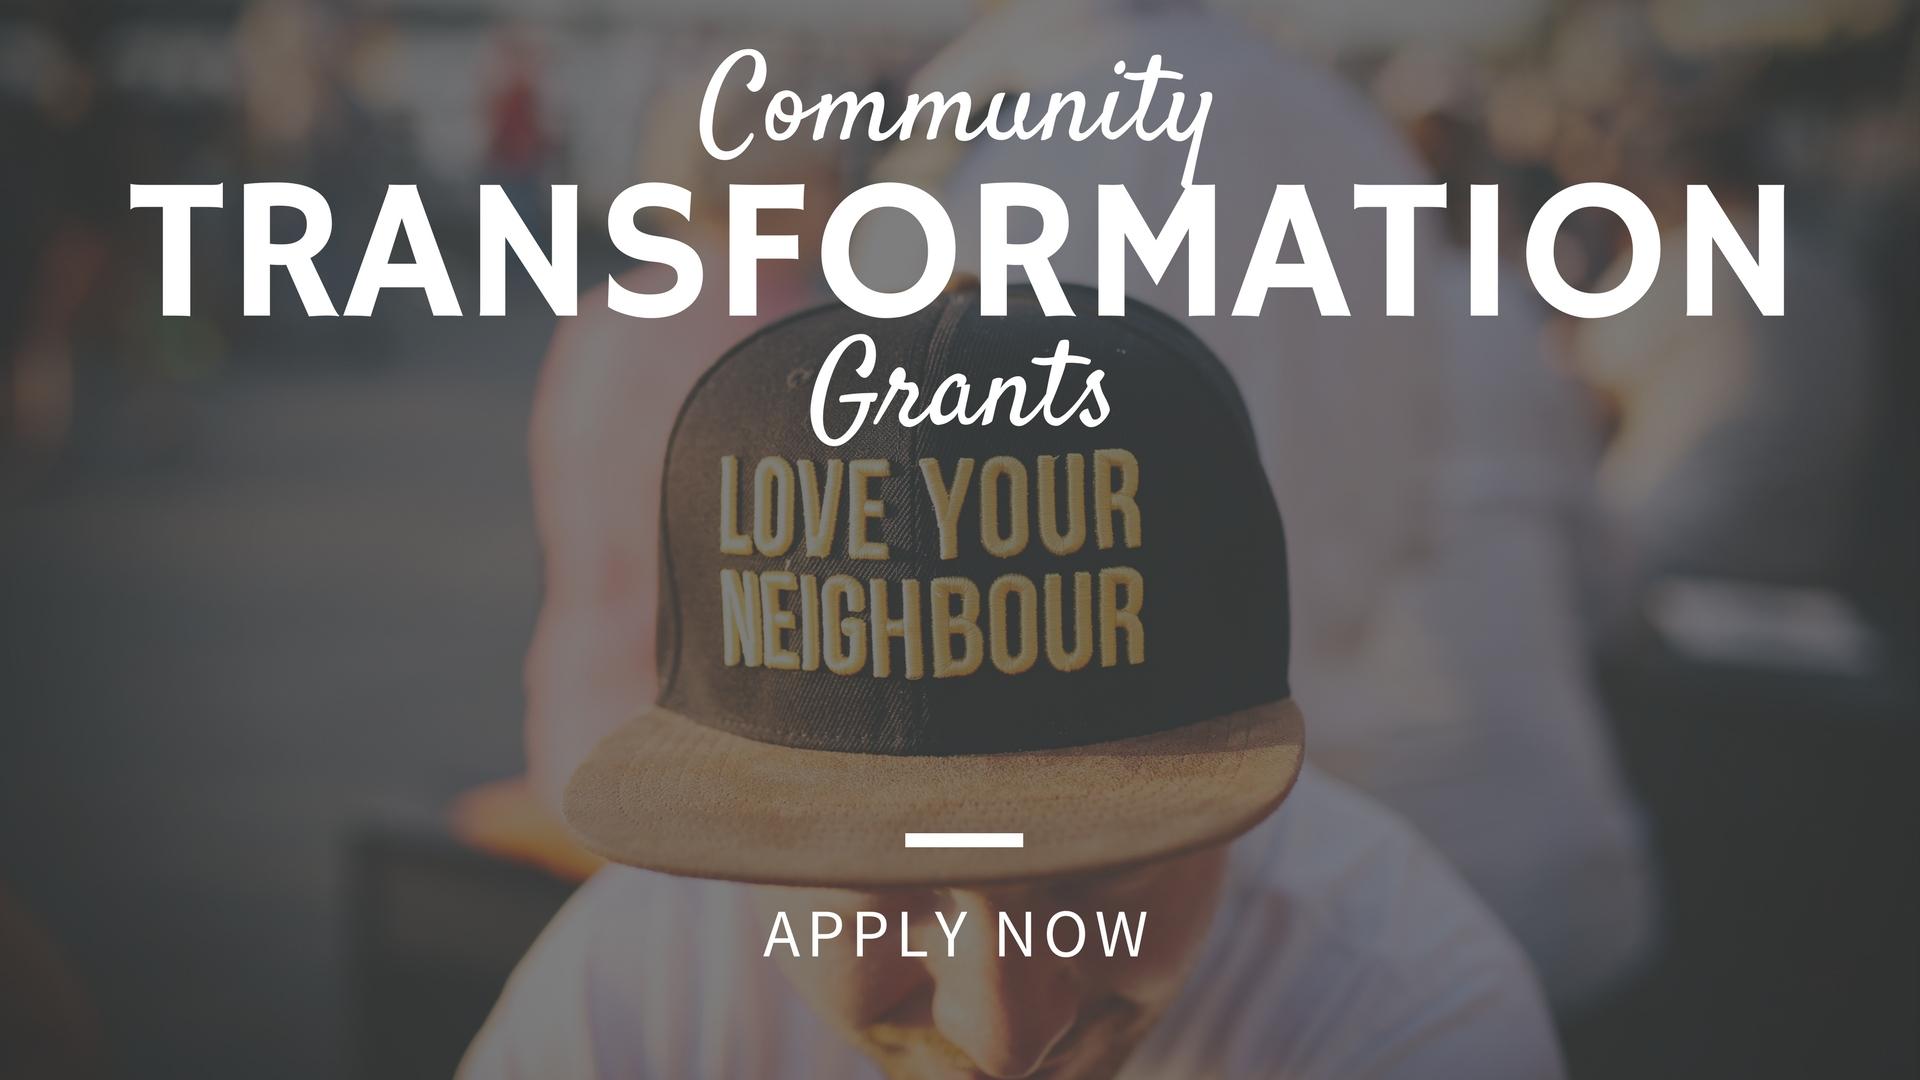 Community Transformation Grants.jpg